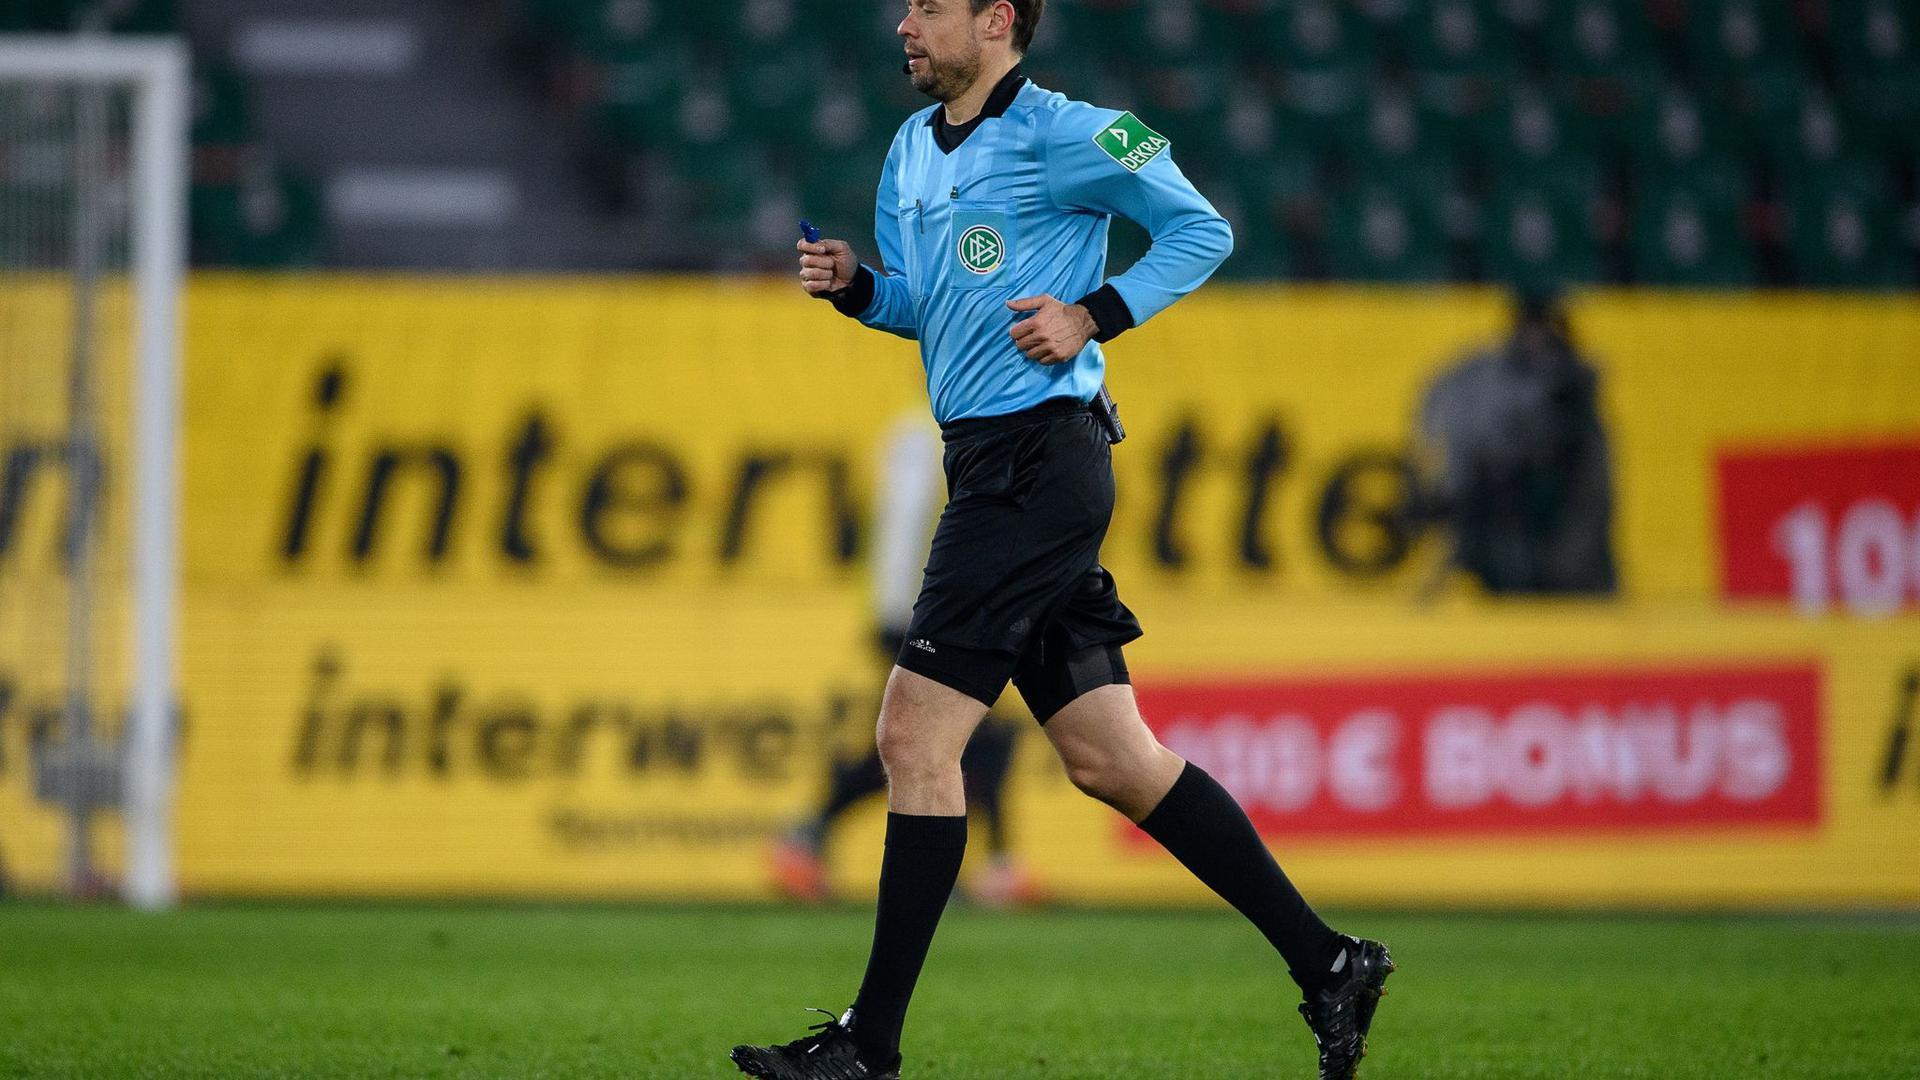 Schiedsrichter Markus Schmidt läuft über das Spielfeld.